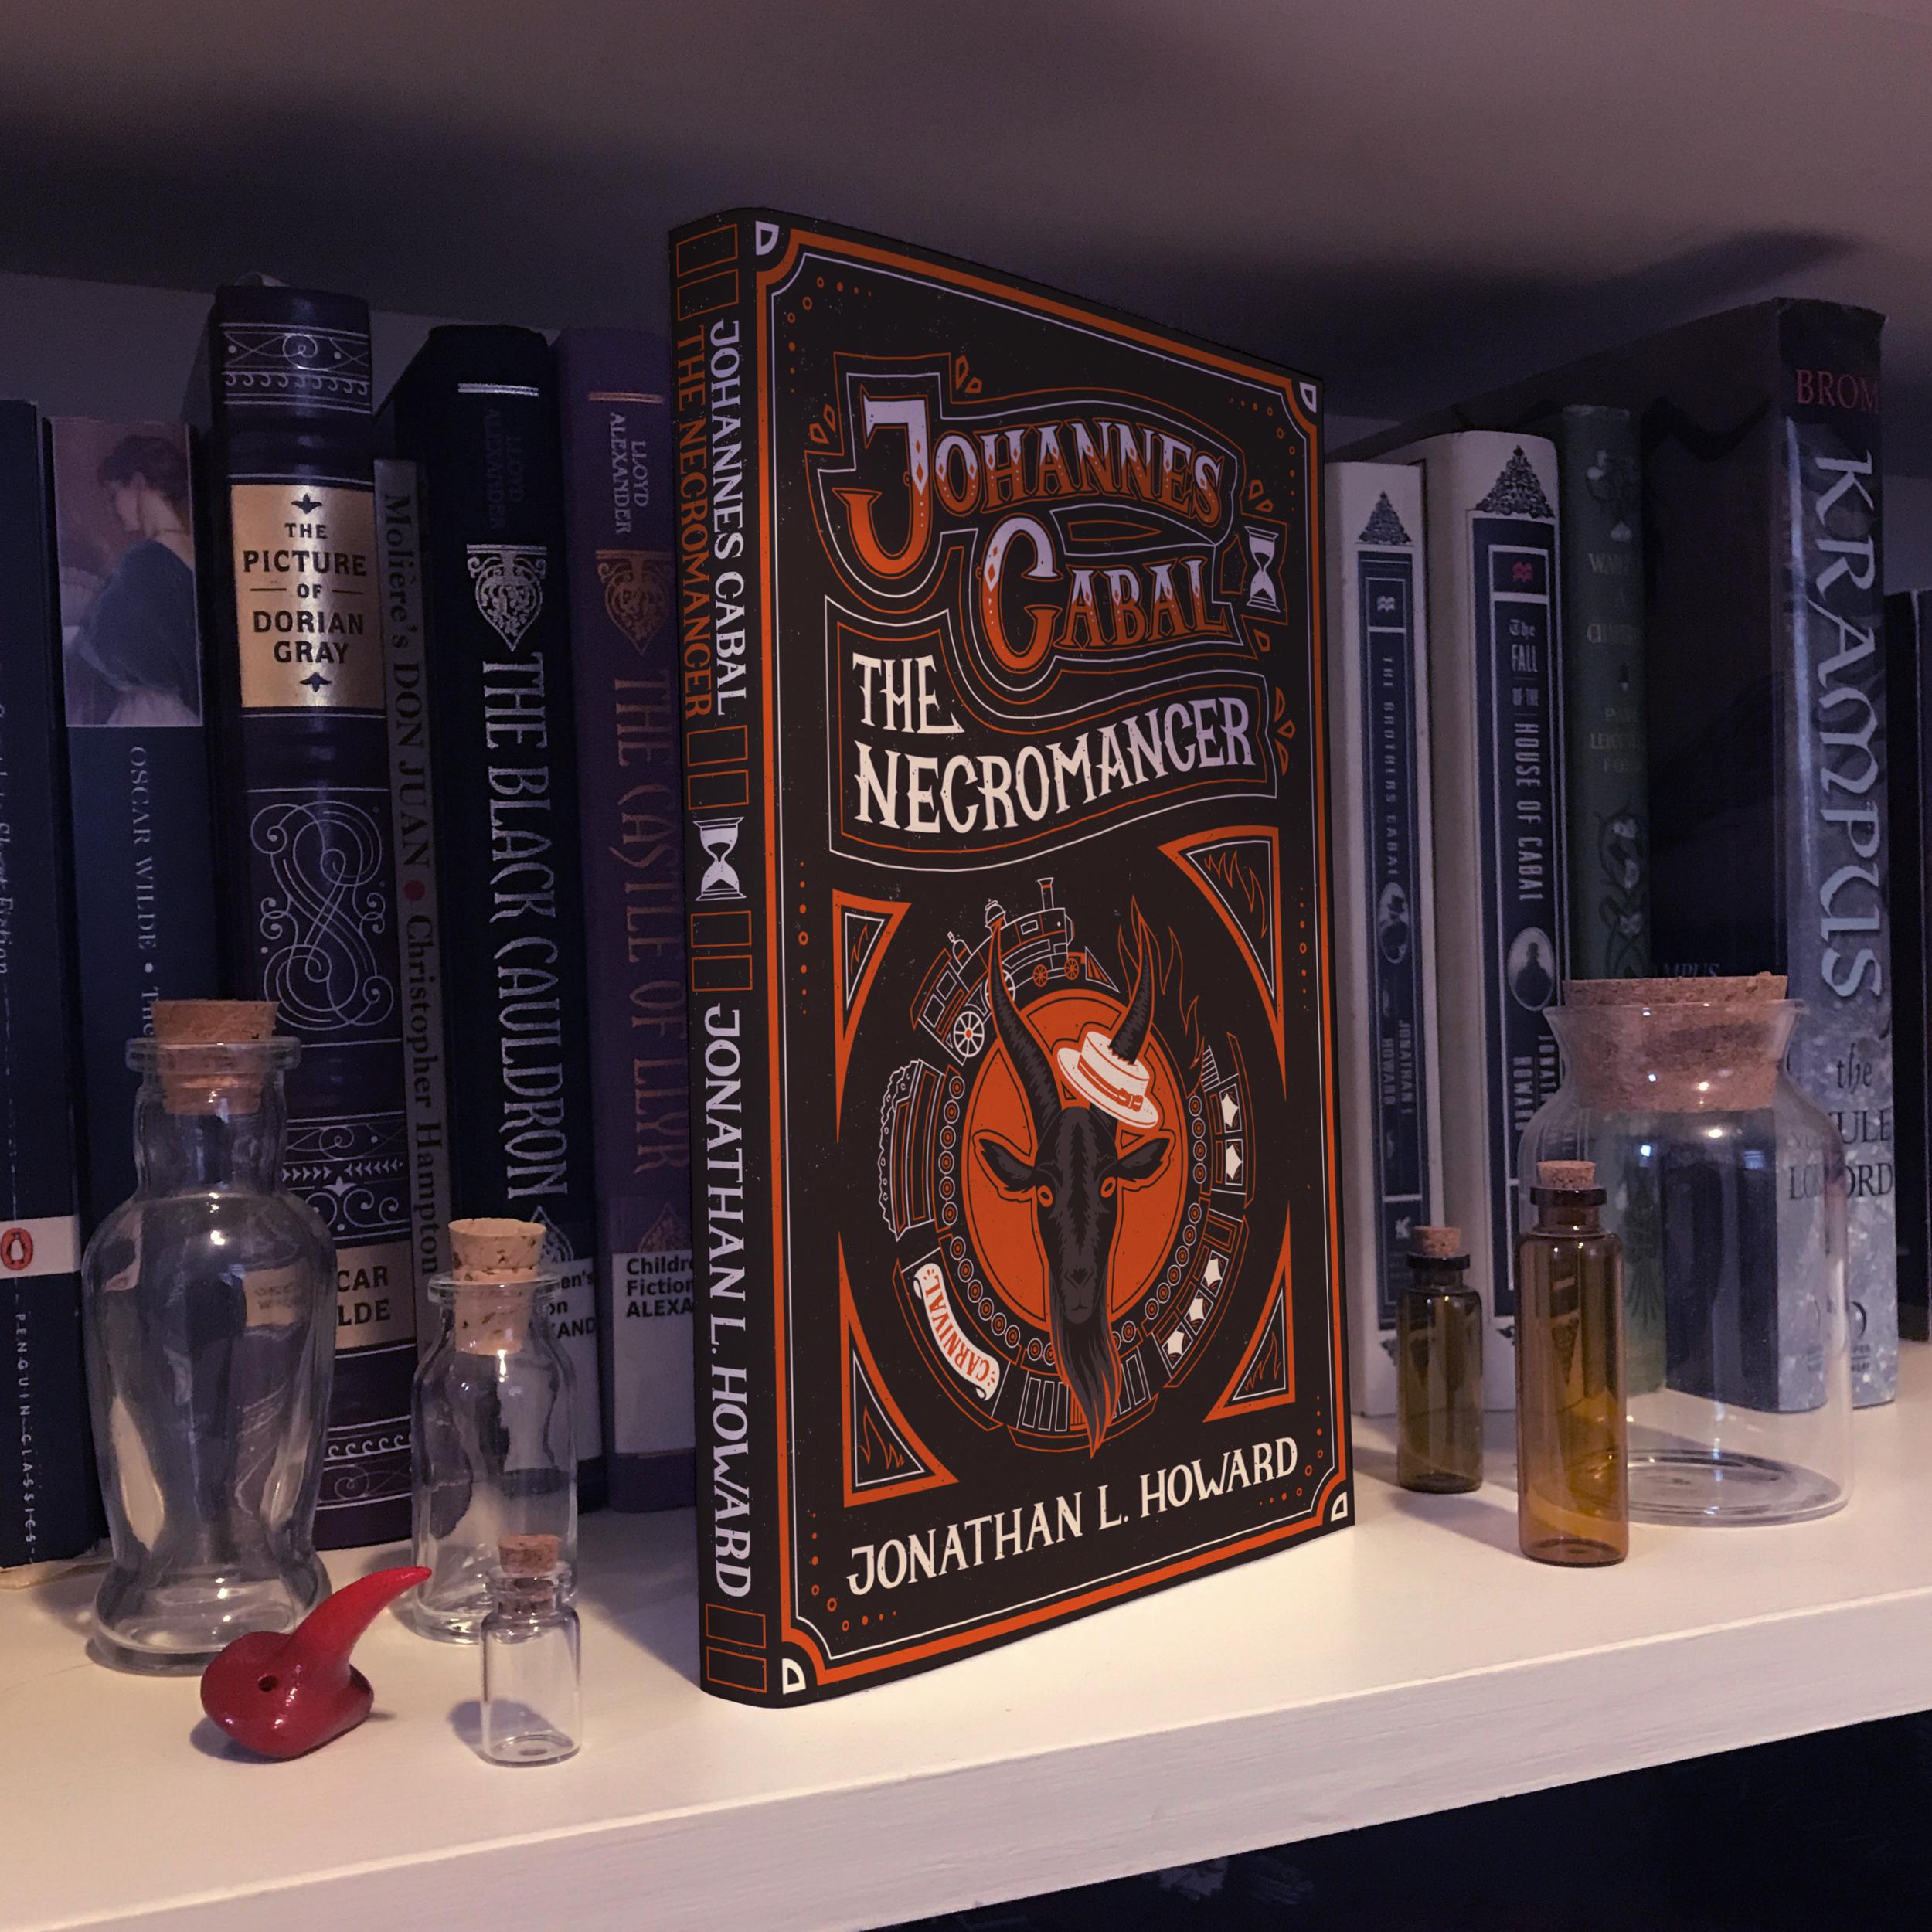 Johannes Cabal the Necromancer Book Cover